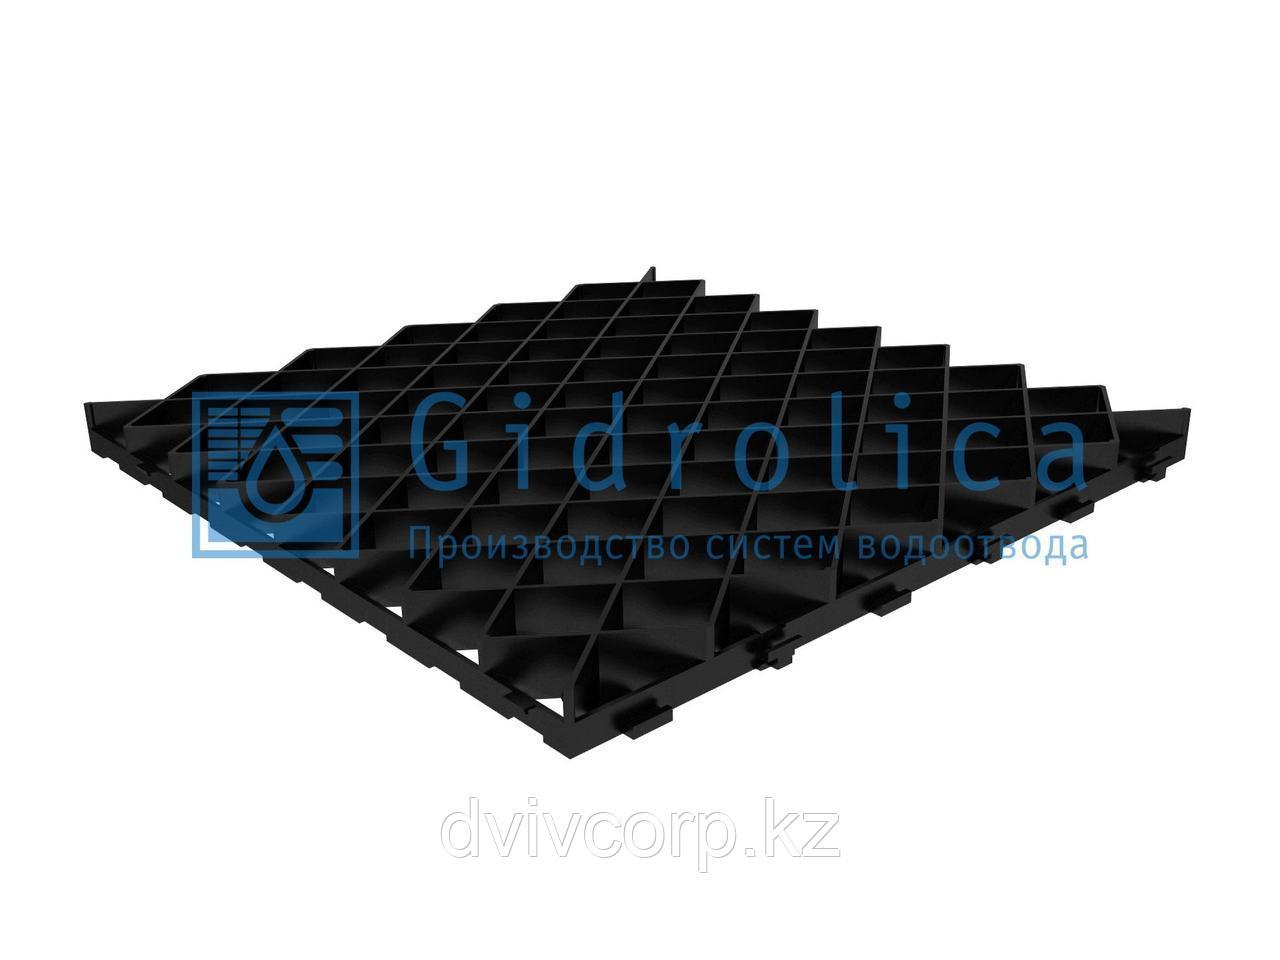 Арт. 606 Решетка газонная Gidrolica Eco Pro РГ-60.60.4 - пластиковая черная